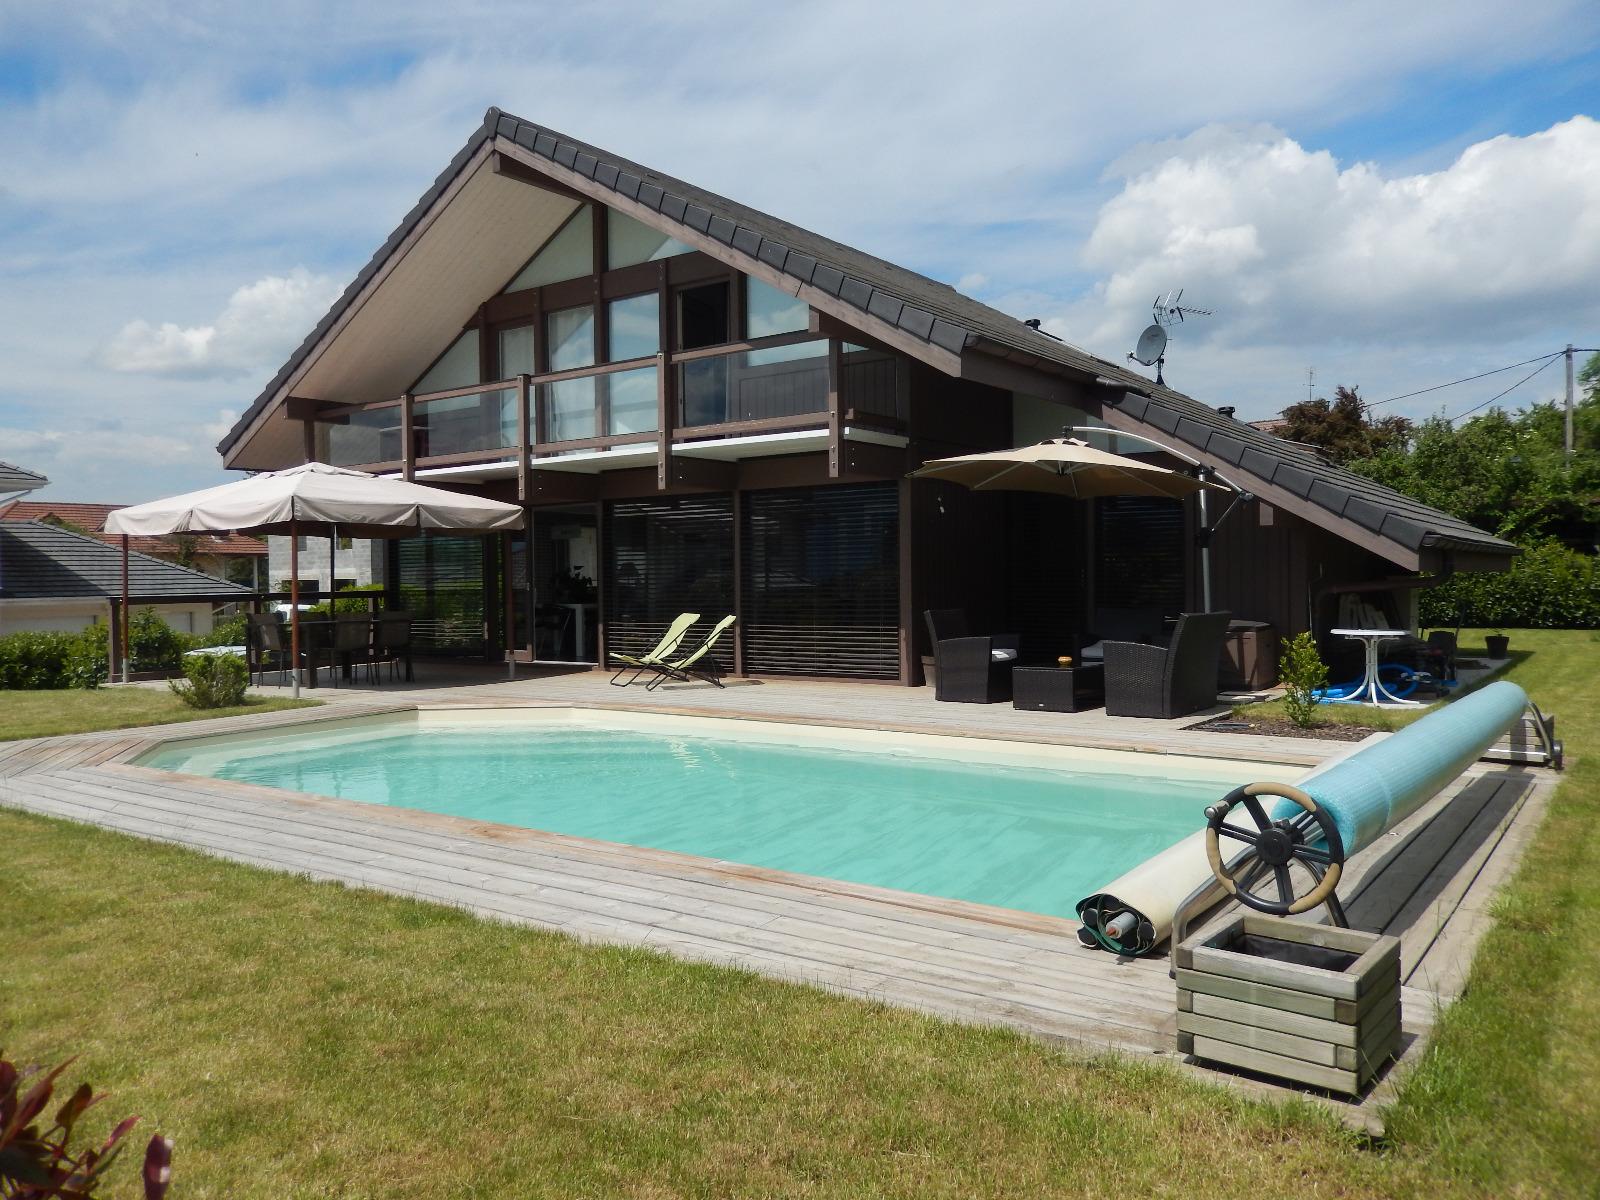 Vente maison avec piscine contamine sur arve sur 810m for Vente tuyau piscine